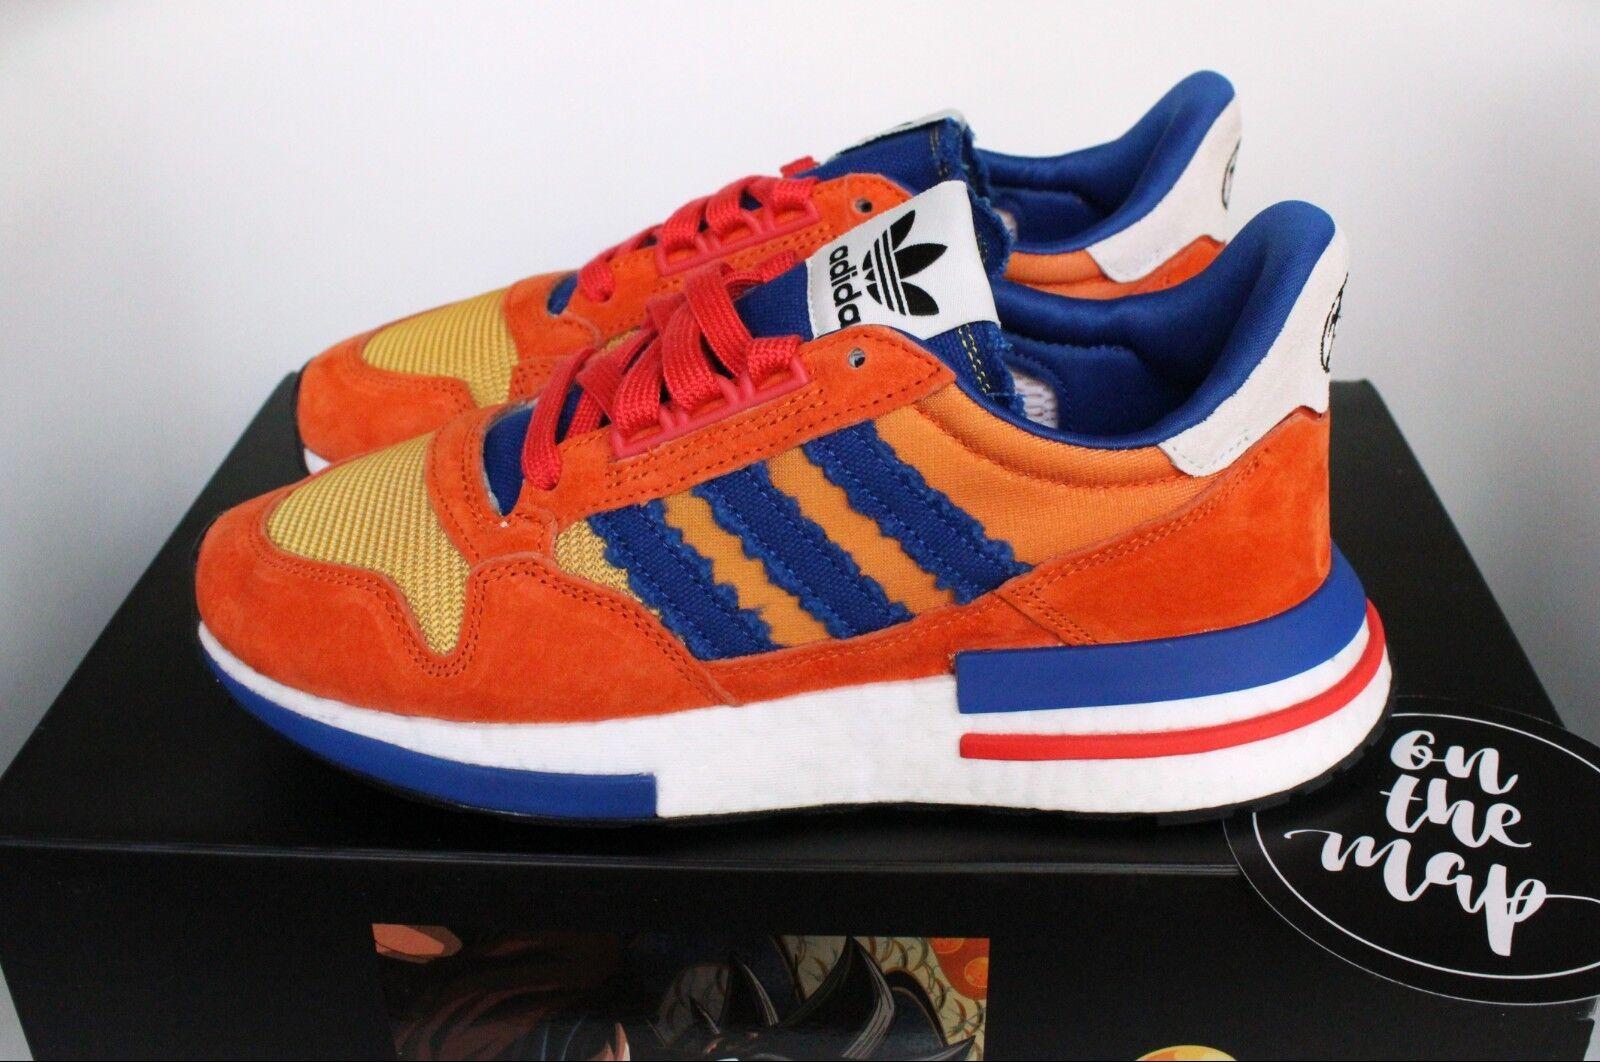 Adidas ZX 500 RM Dragonball Z Son Goku Orange Bleu 5 6 7 8 9 10 11 12 D97046 nouveau